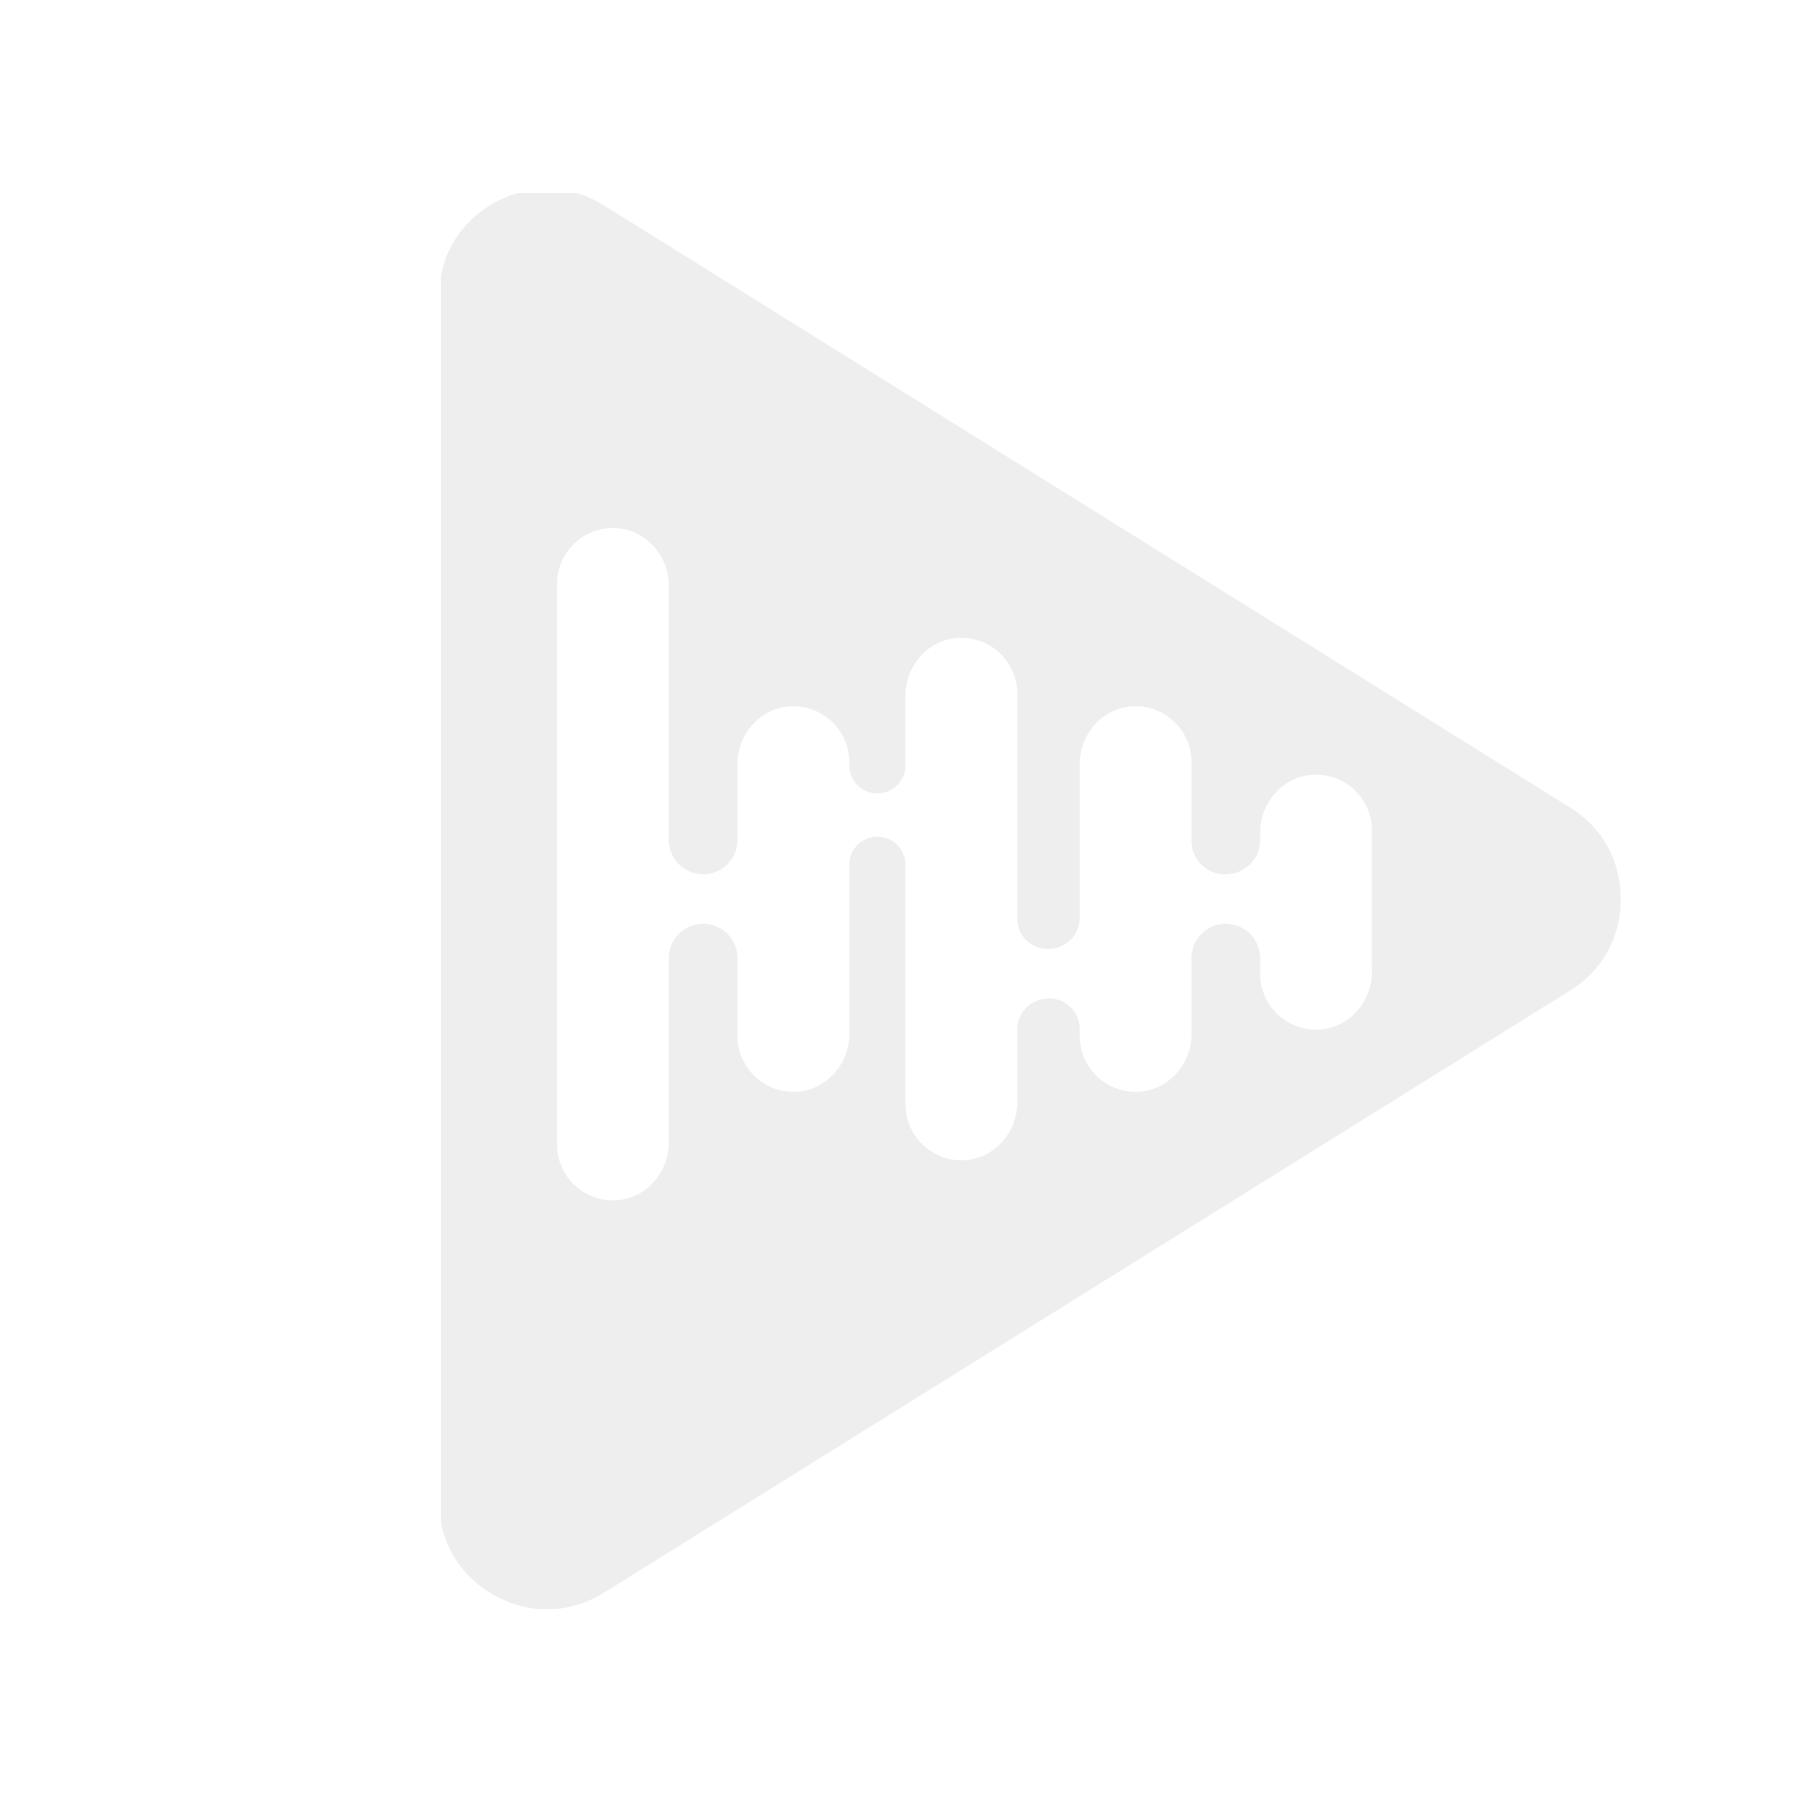 Canton DM 55 - Hvit